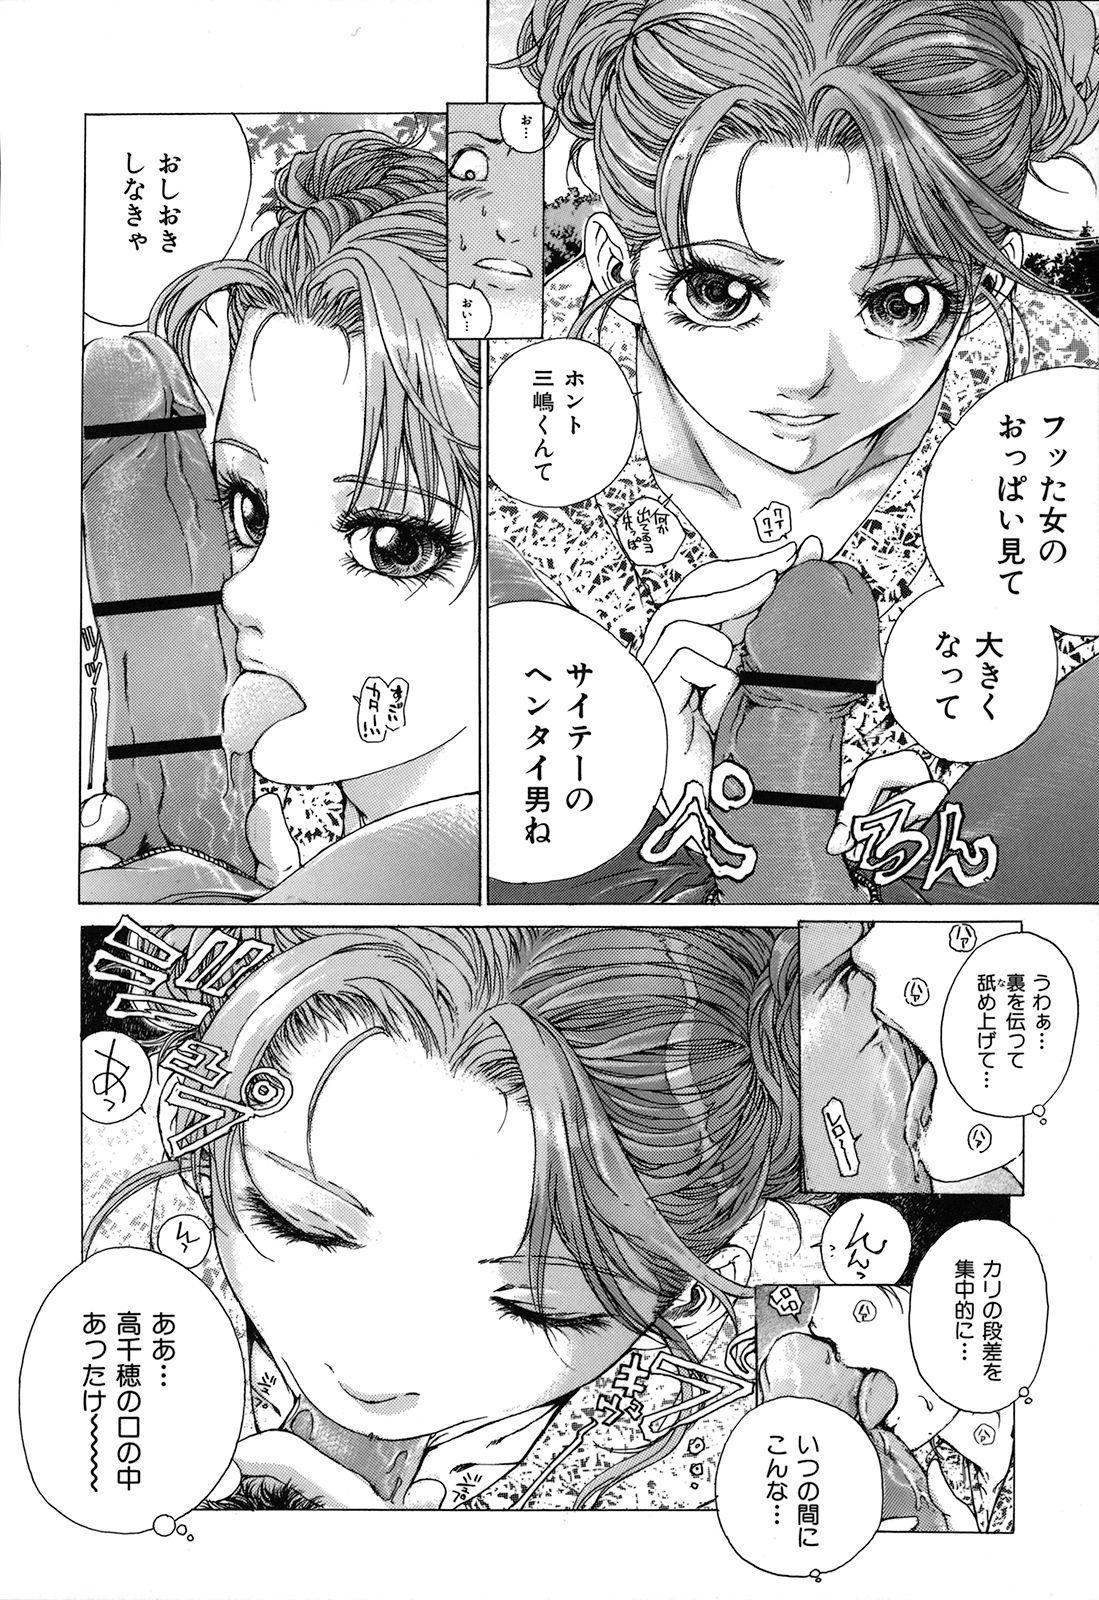 Kou Musume 55